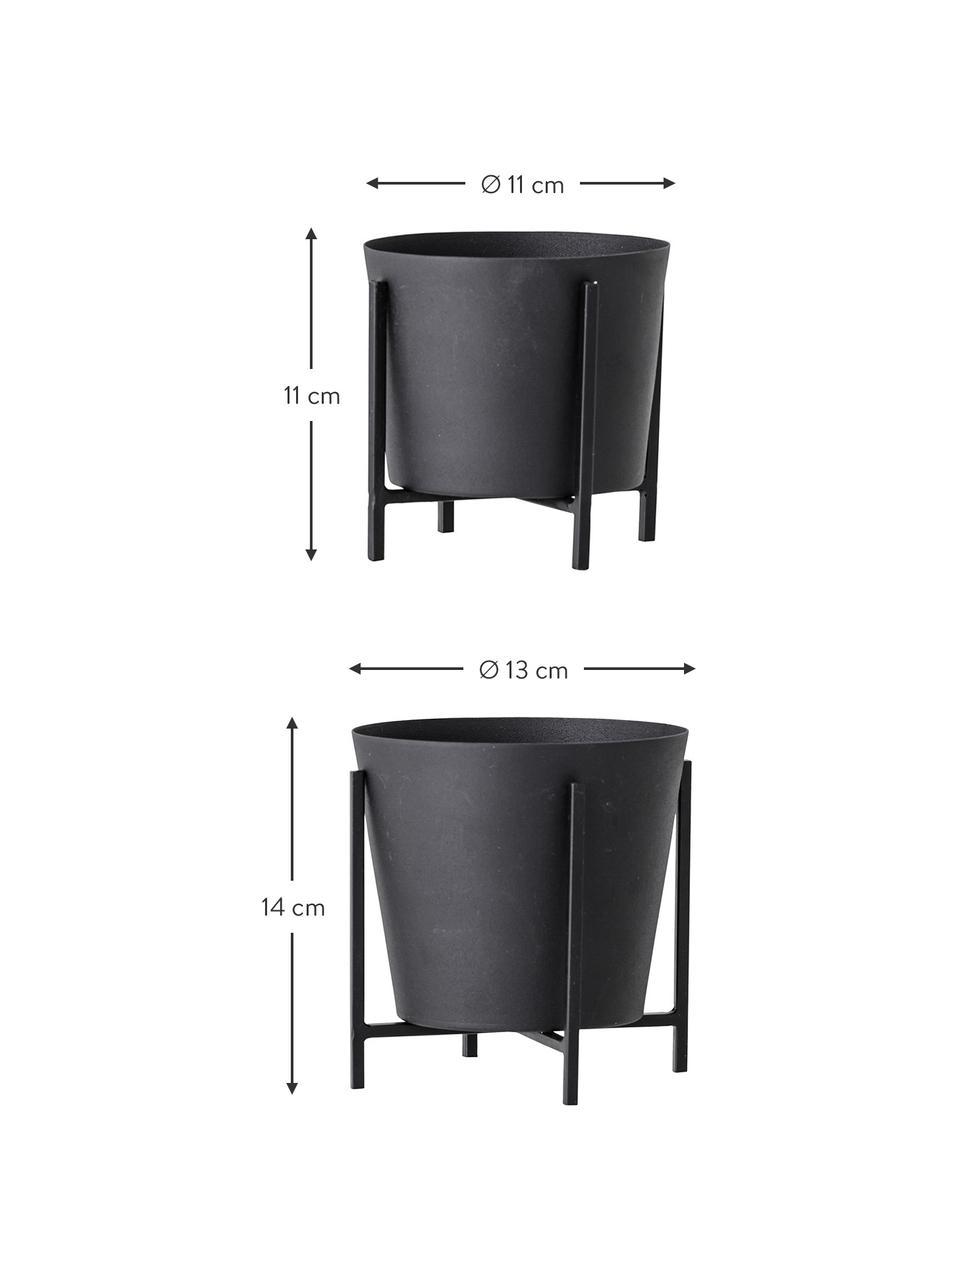 Komplet osłonek na doniczkę Kuma, 2 elem., Metal, Czarny, Komplet z różnymi rozmiarami